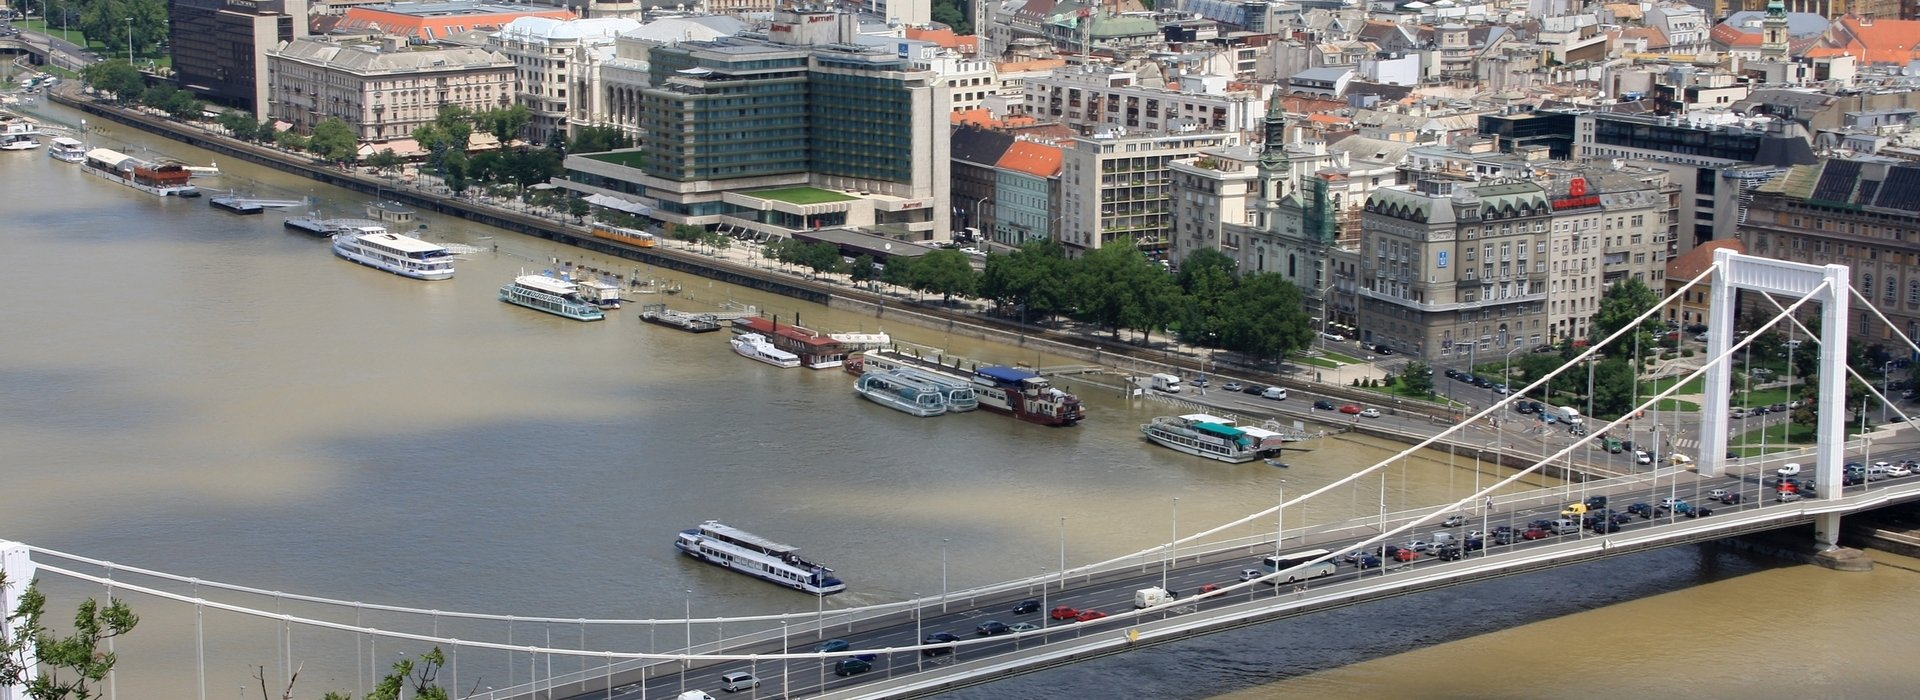 Das Donauufer in Pest – Sehenswürdigkeiten in Budapest, Ungarn